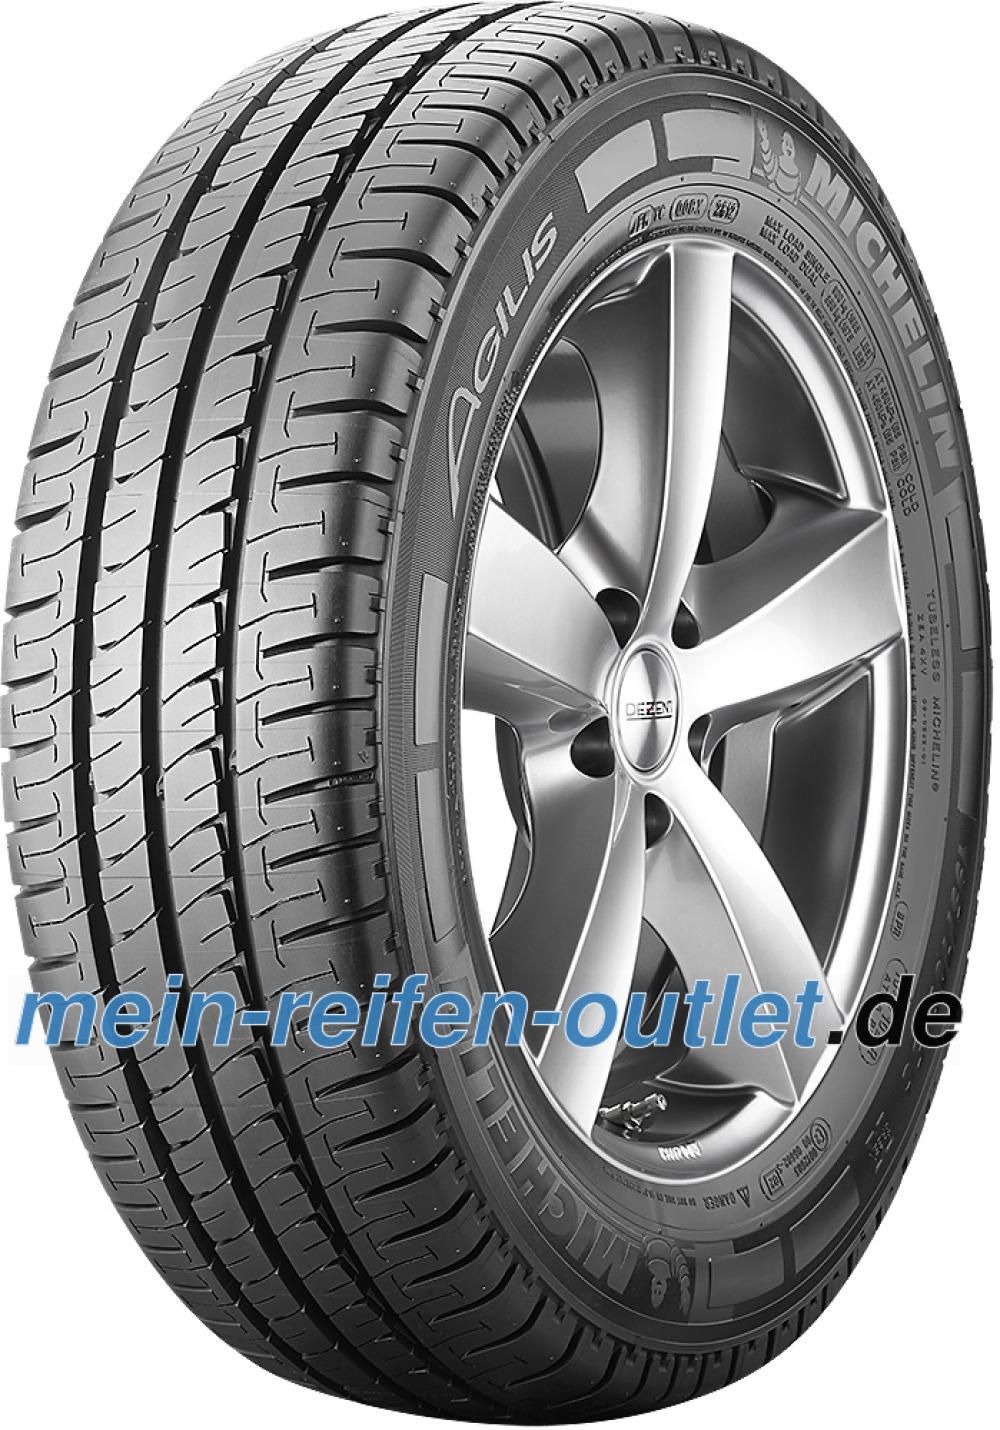 Michelin Agilis+ ( 195/75 R16C 107/105R )